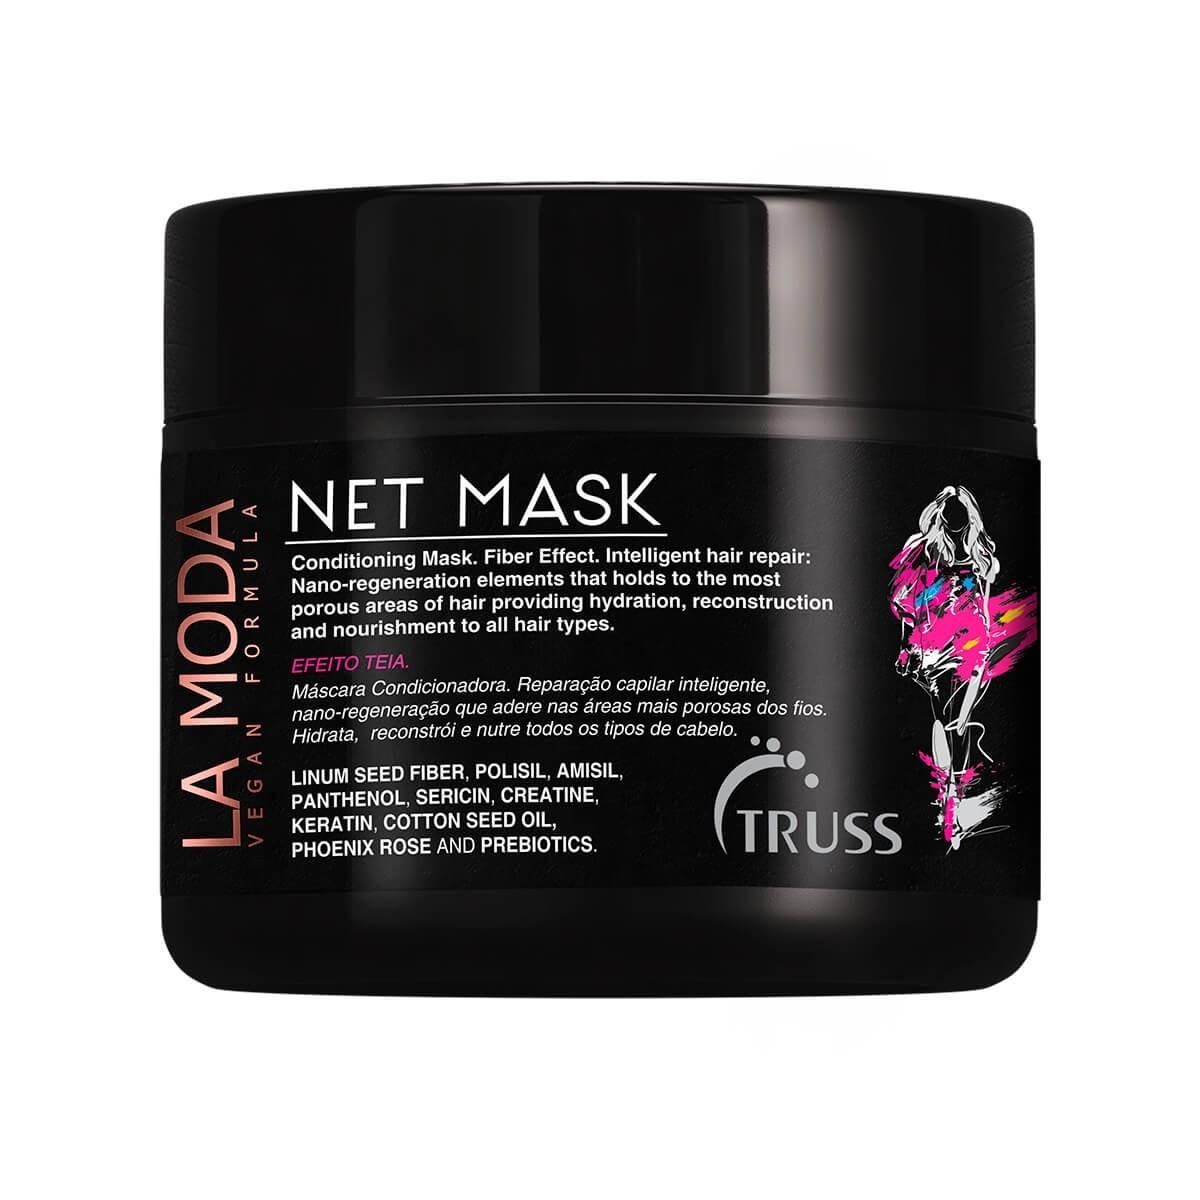 Net Mask LA MODA Truss 550g